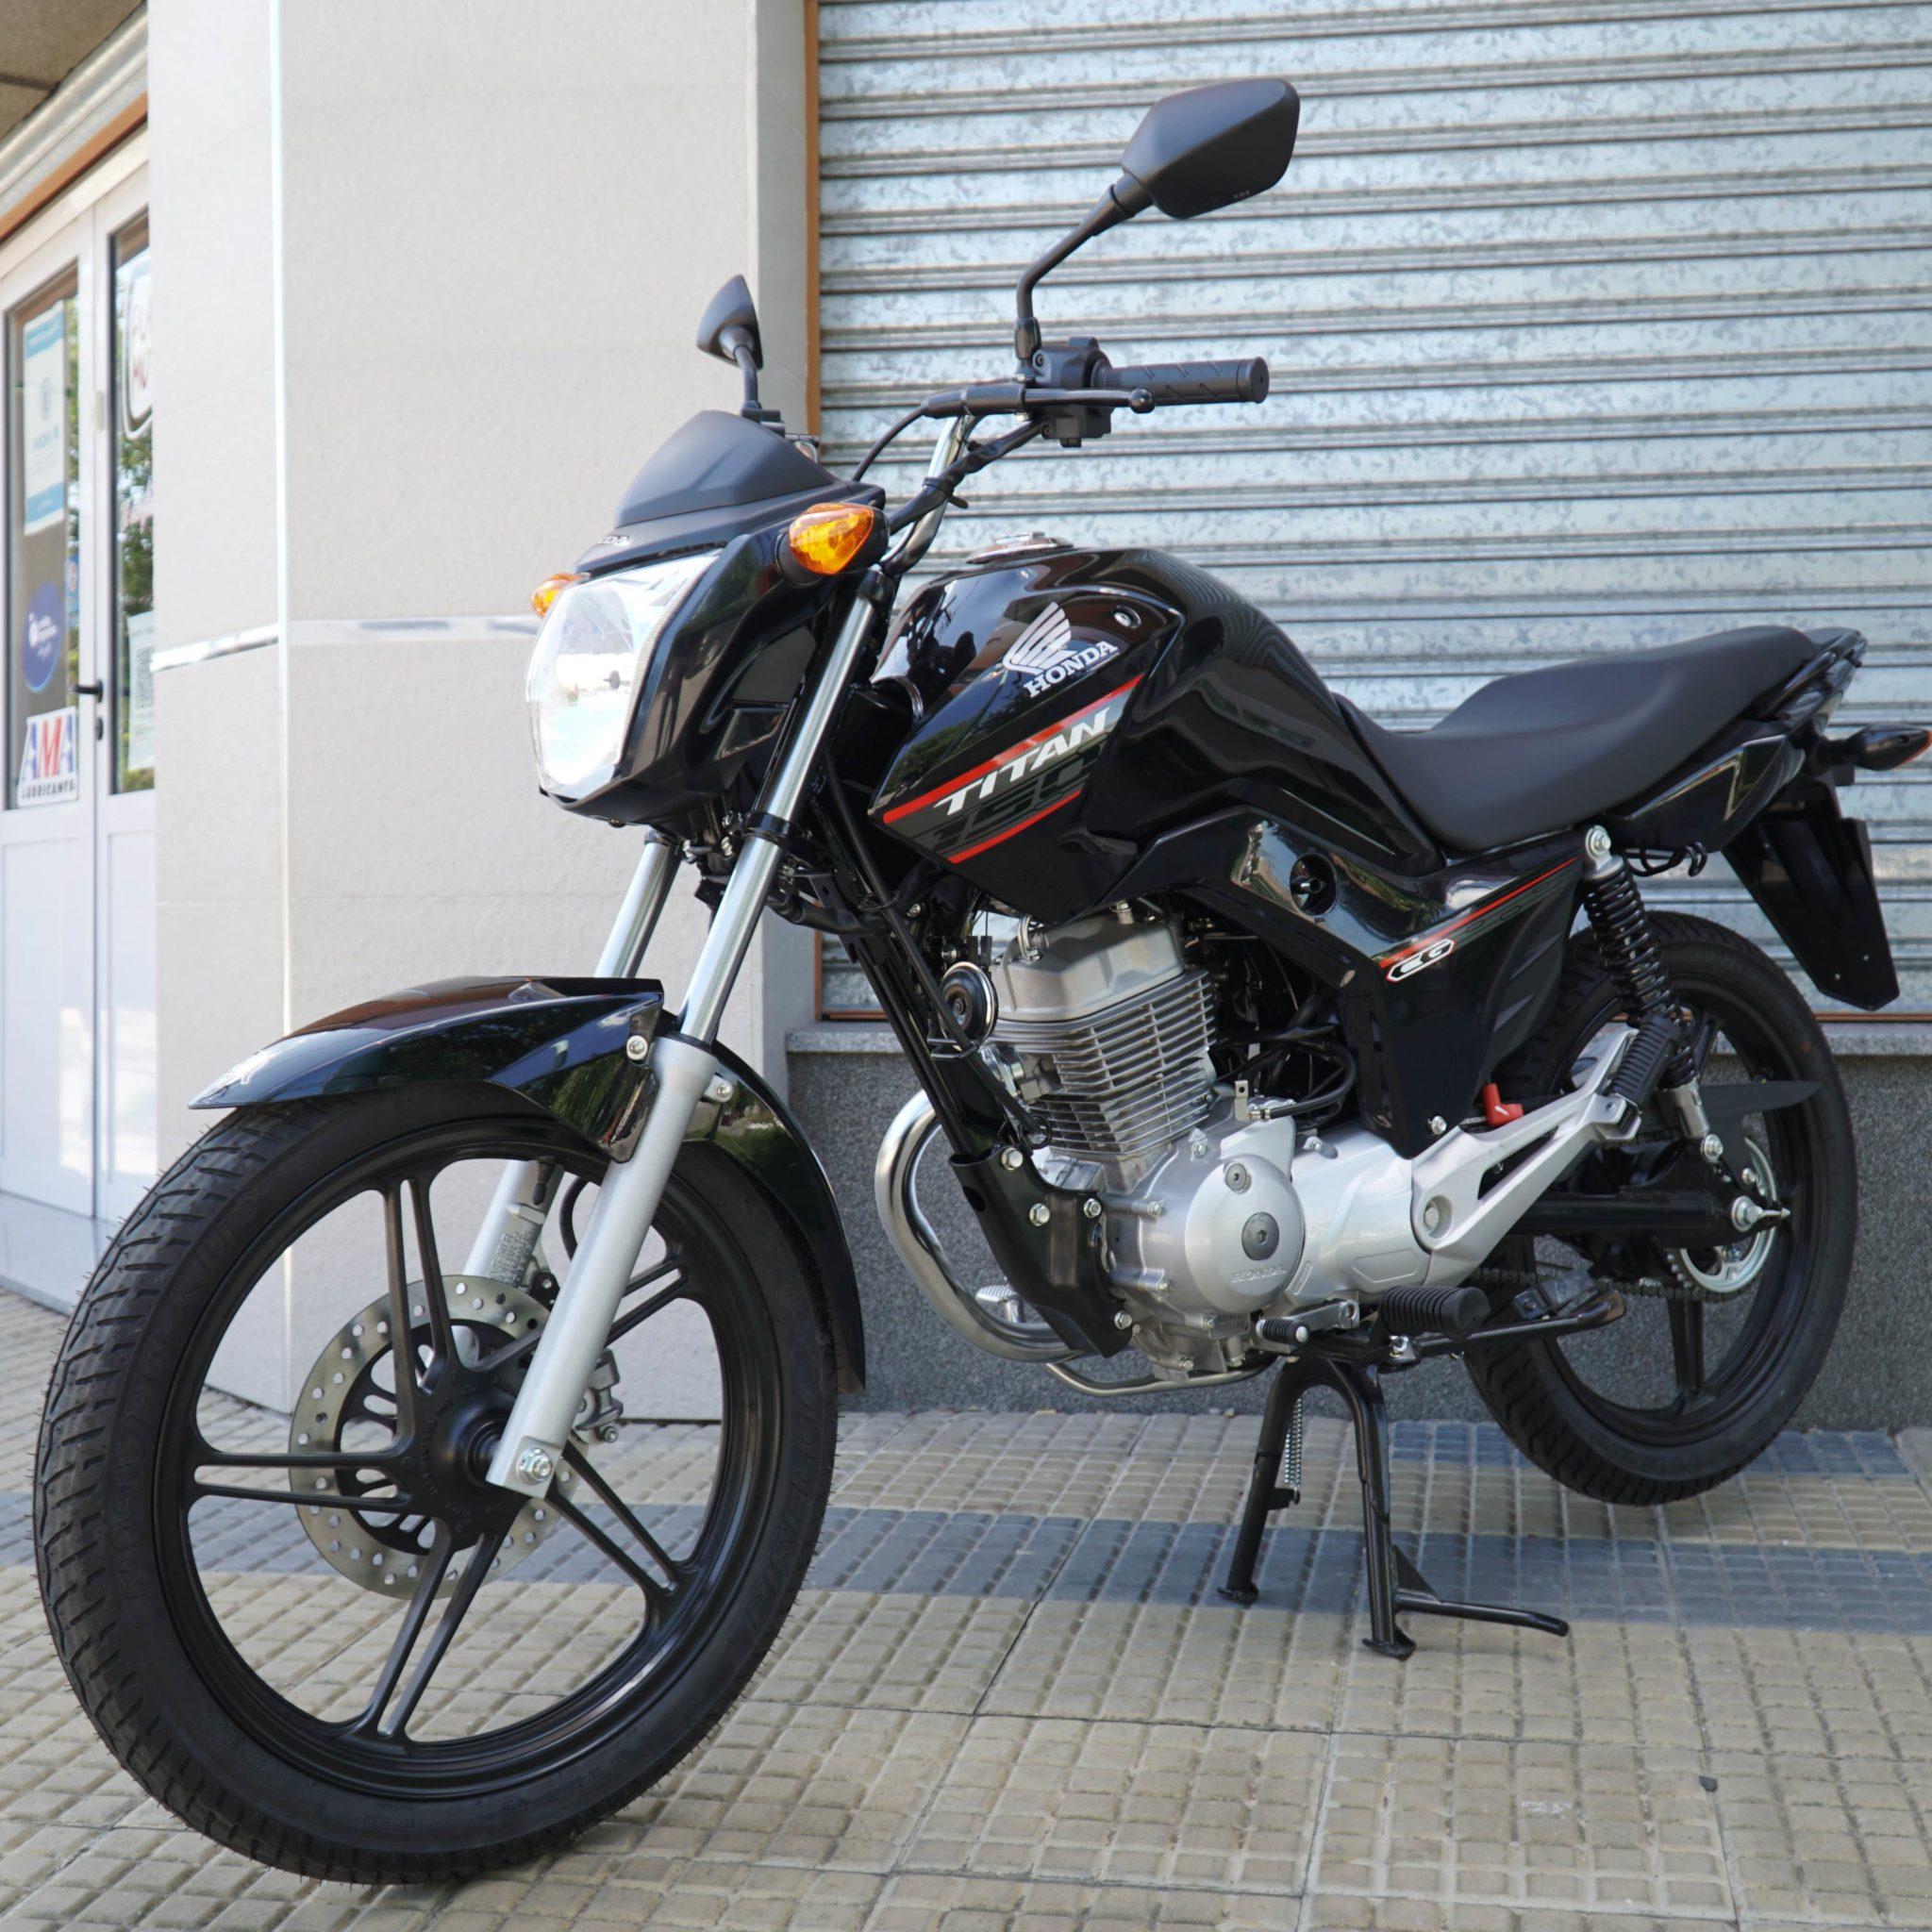 Honda CG TITAN 150 #9097883